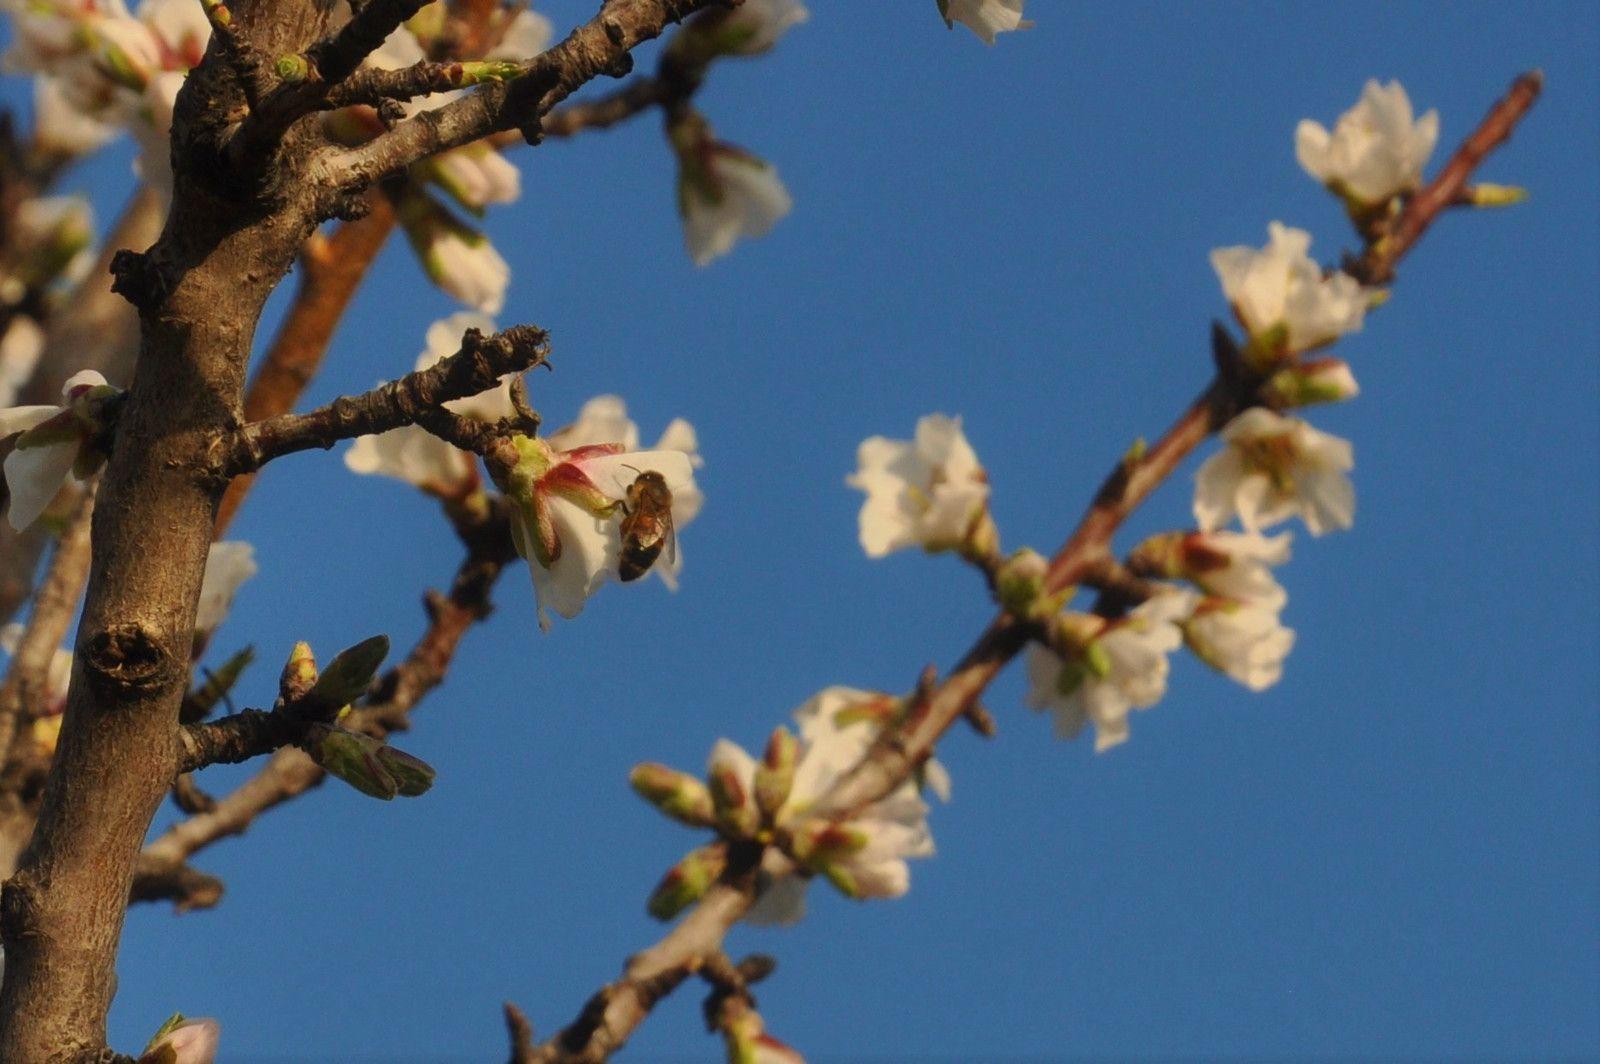 Et l'abeille, les photos ne sont pas facile avec le vent.